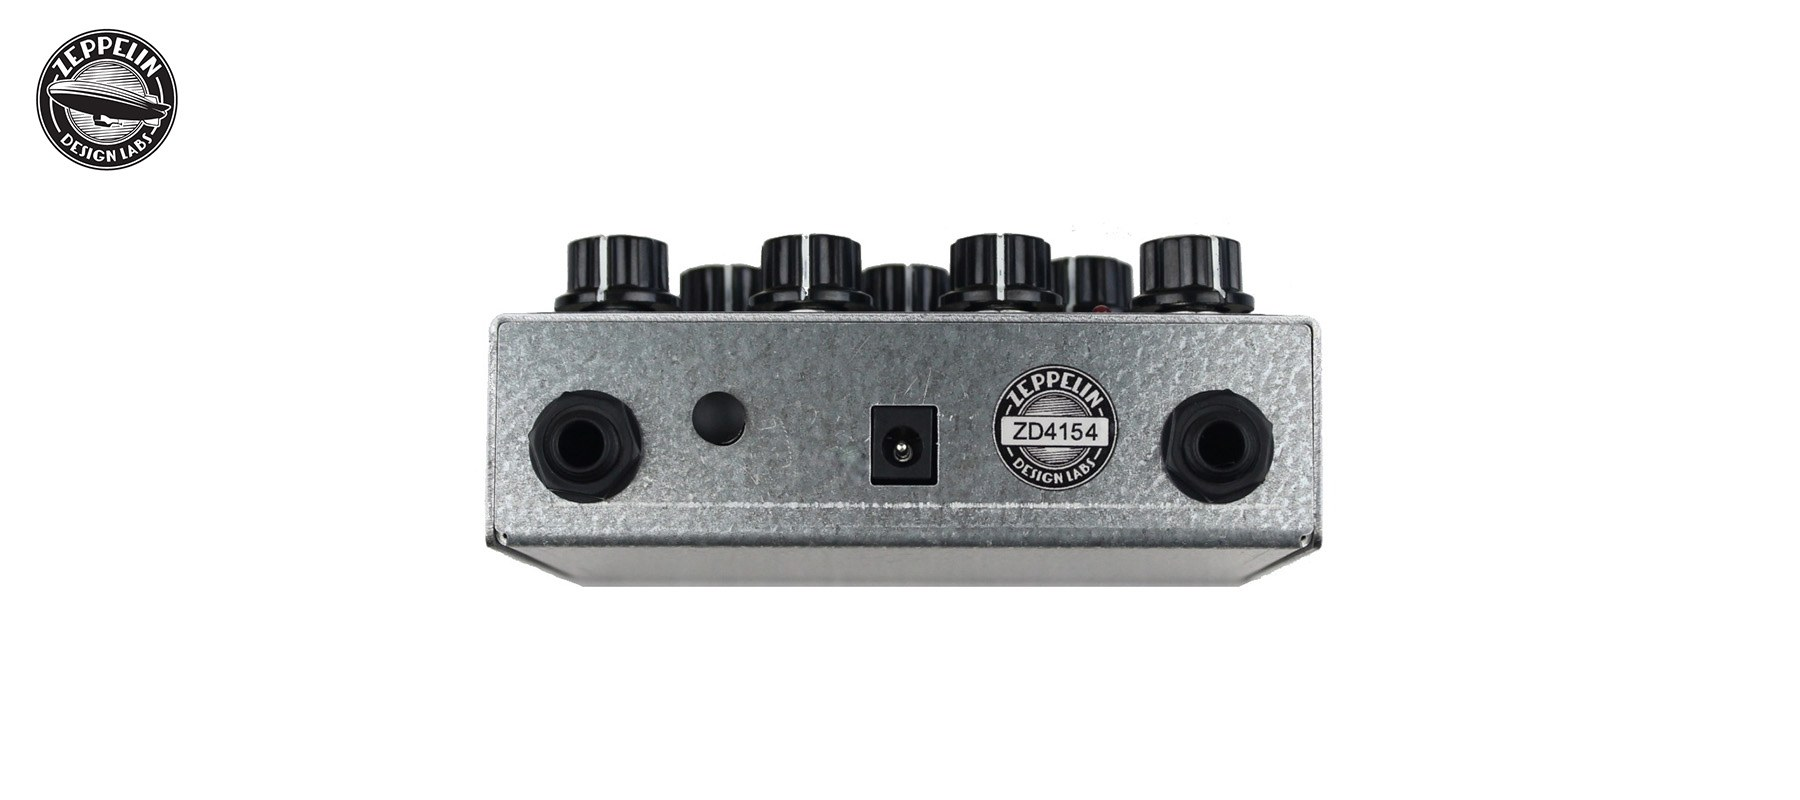 Quaverato Harmonic Tremolo Pedal DIY Kit